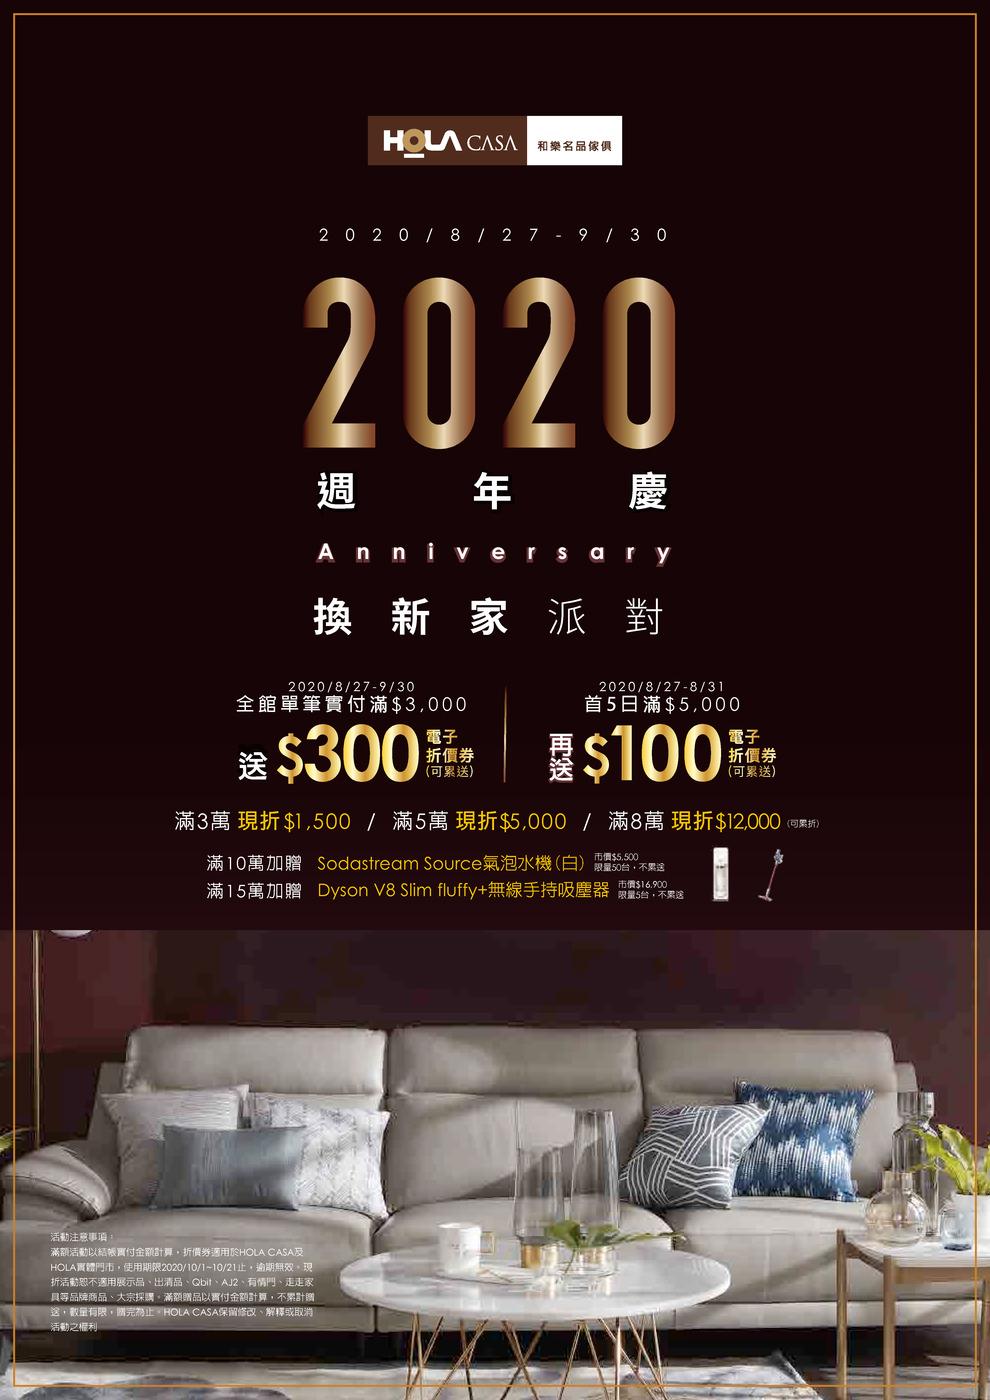 HOLA 特力和樂 DM HOLA CASA 2020週年慶 【2020/9/30 止】